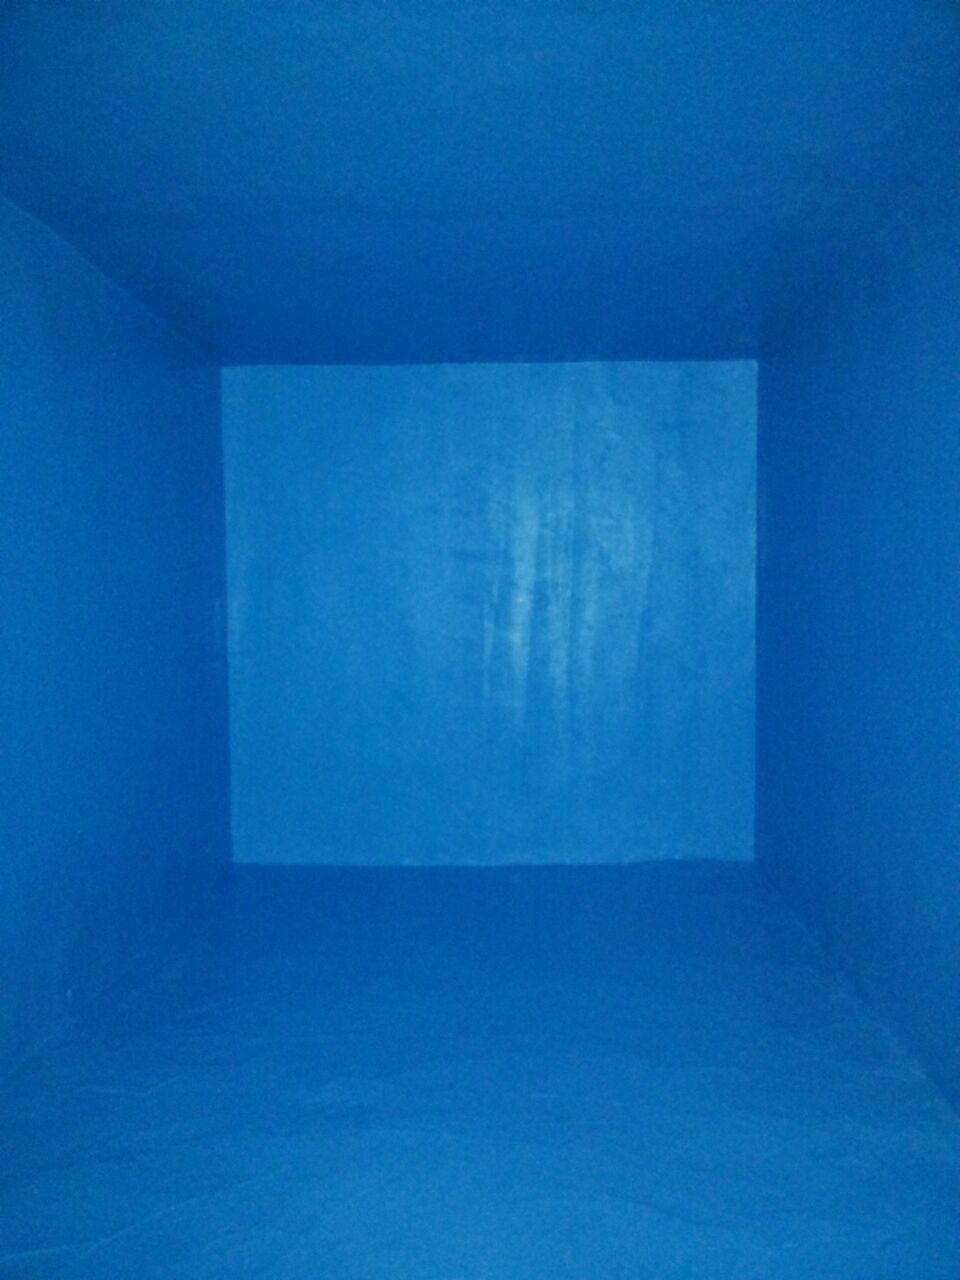 شركة عزل خزانات بالرياض 0536303073 شركة مباني الرياض الافضل بالرياض Painting